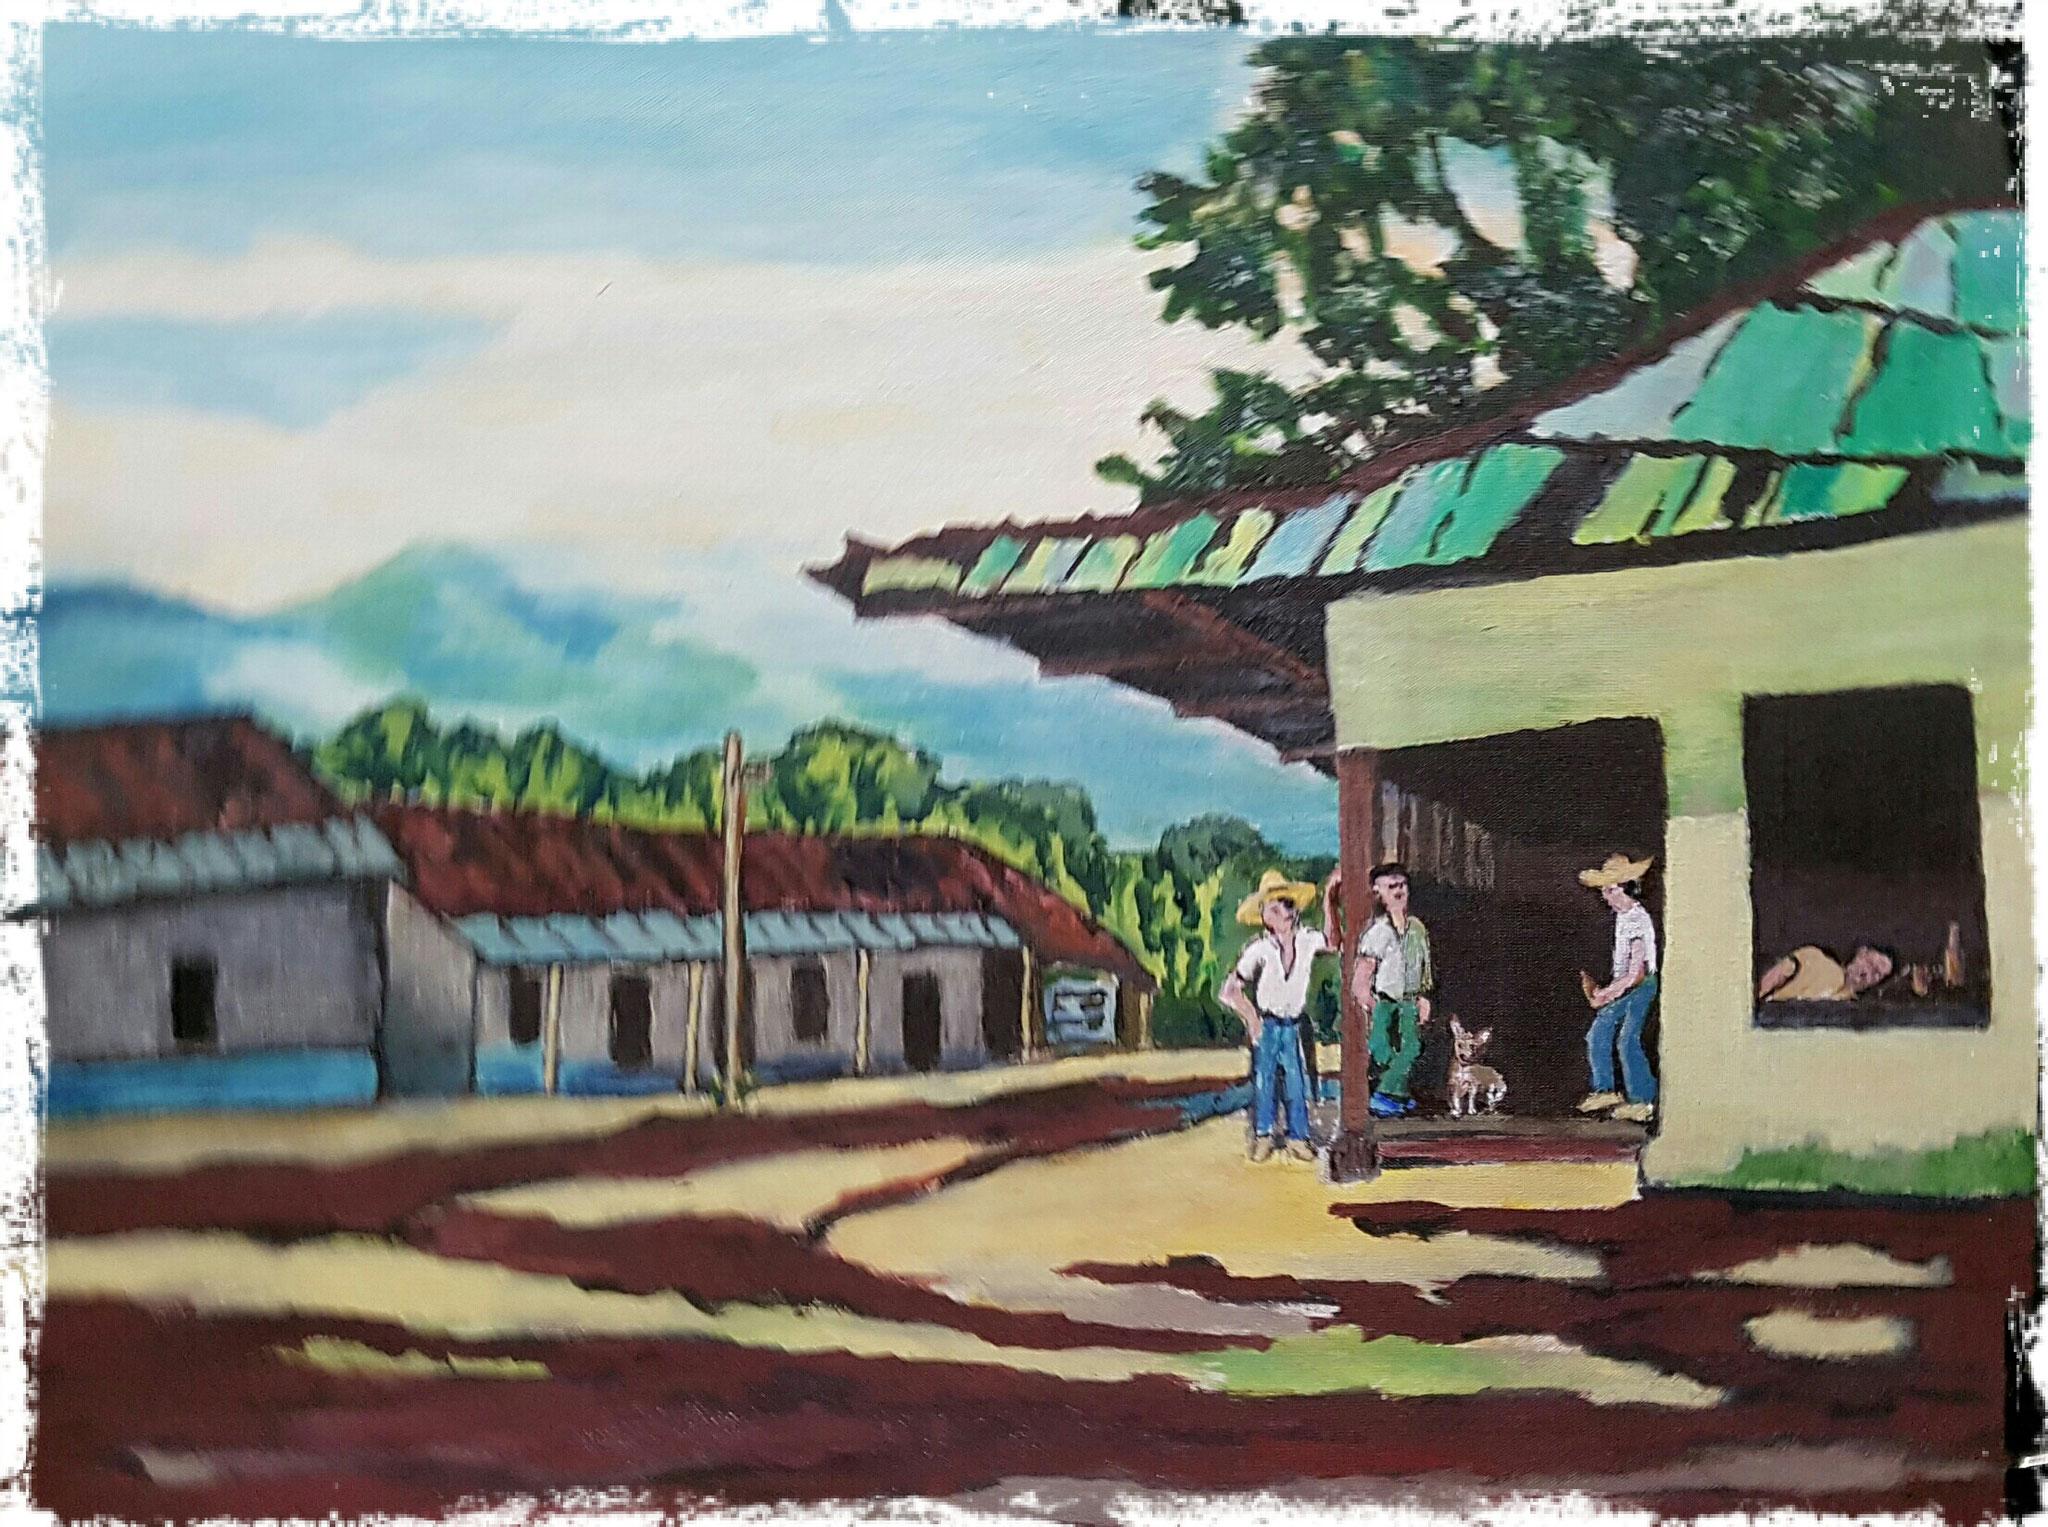 Landschaft, repaint eines bekannten Bildes